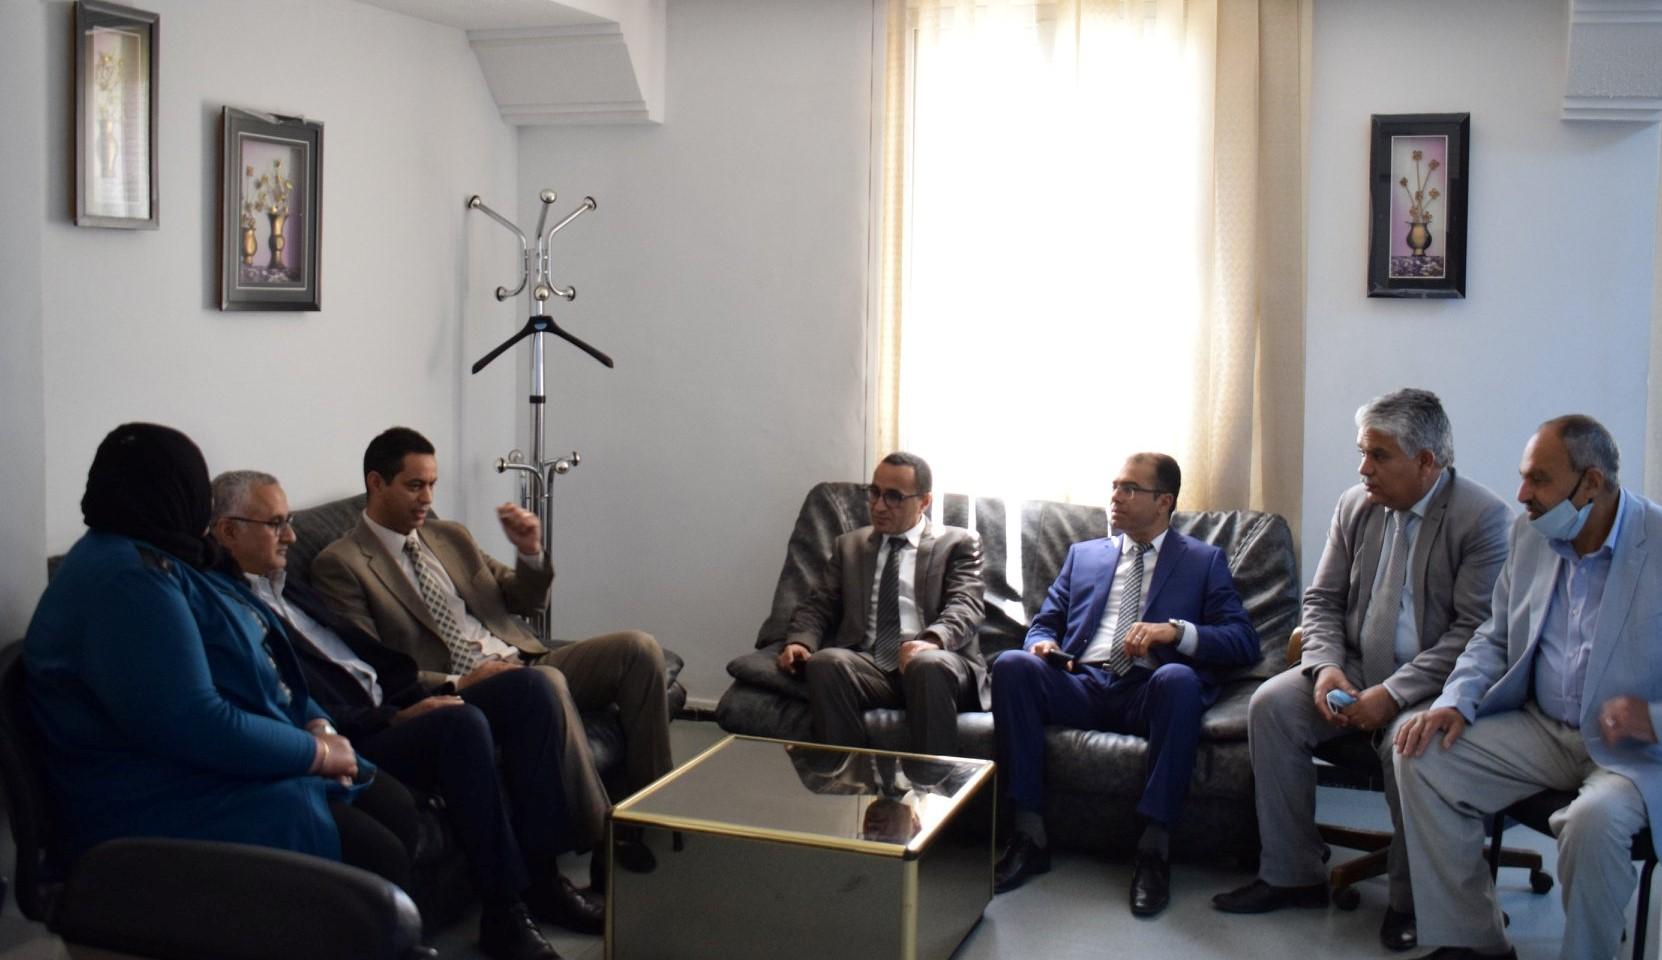 القصرين: تنصيب رئيس مدير عام جديد للشركة الجهوية للنقل